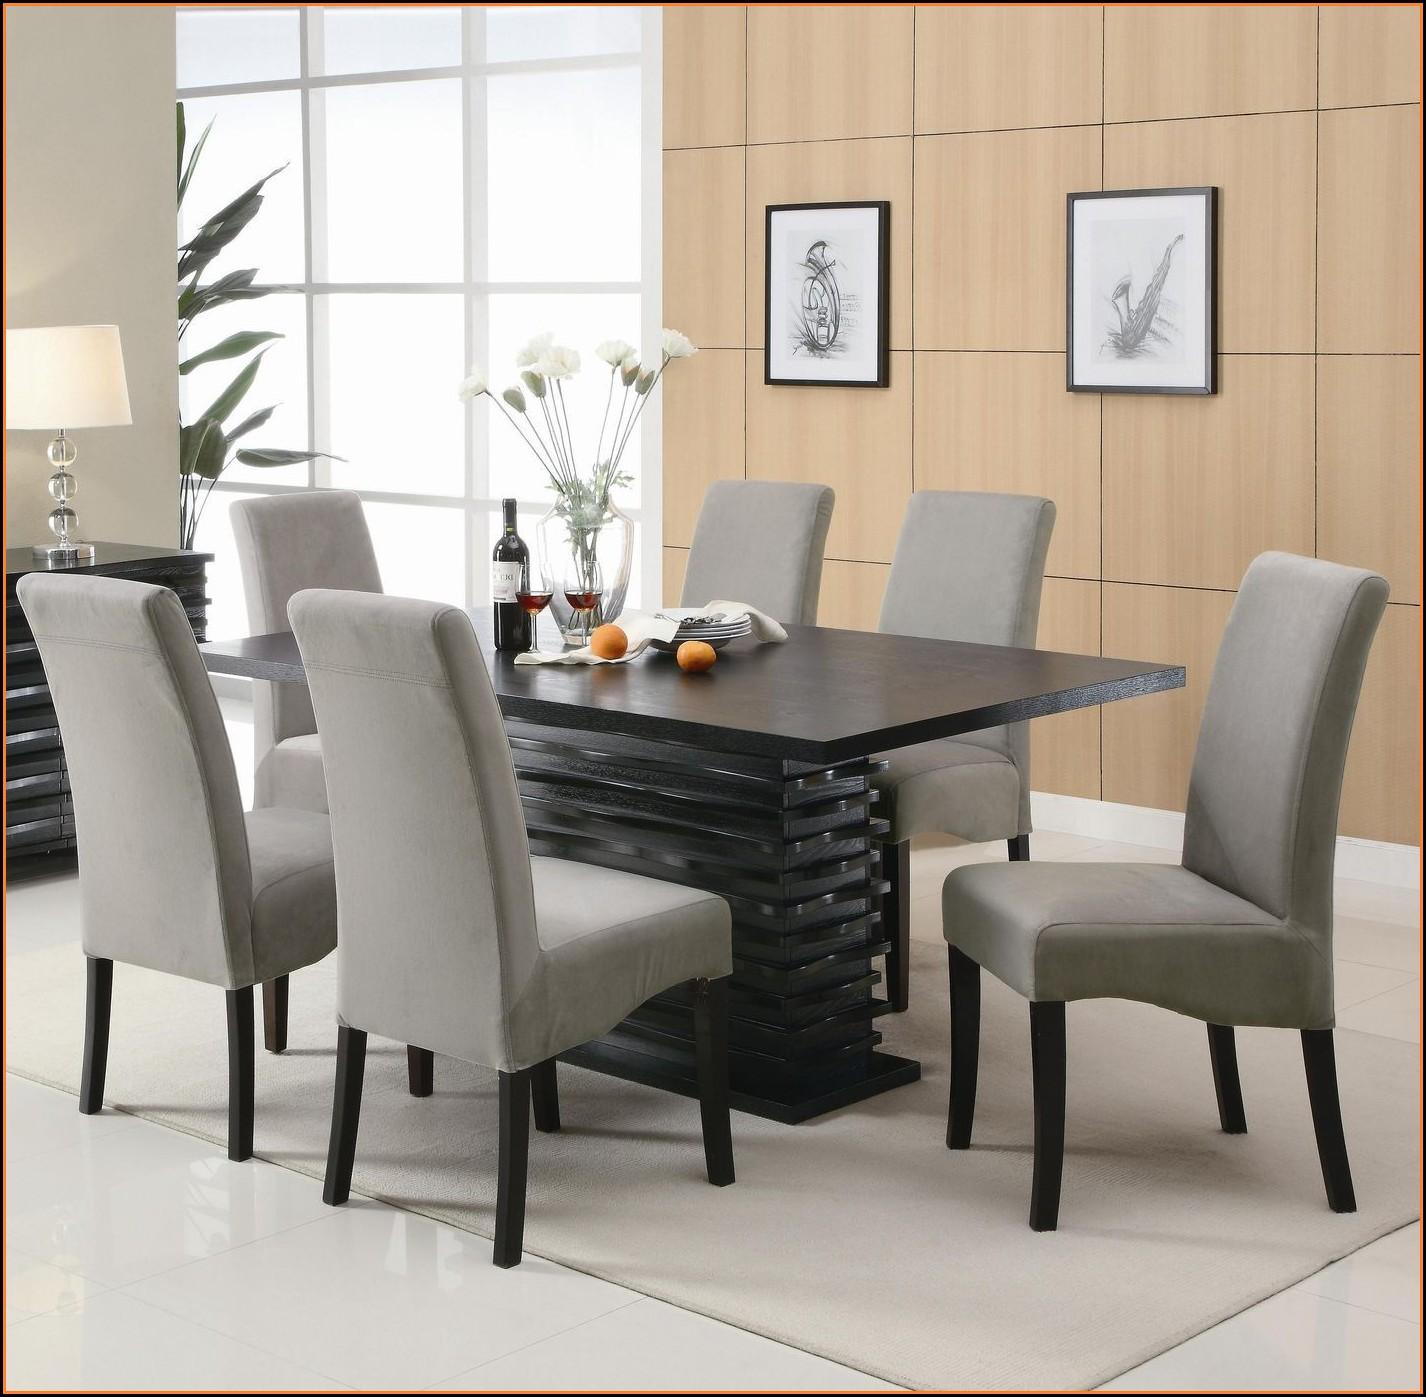 Esstisch Stühle Modern Schwarz Esszimmer House Und